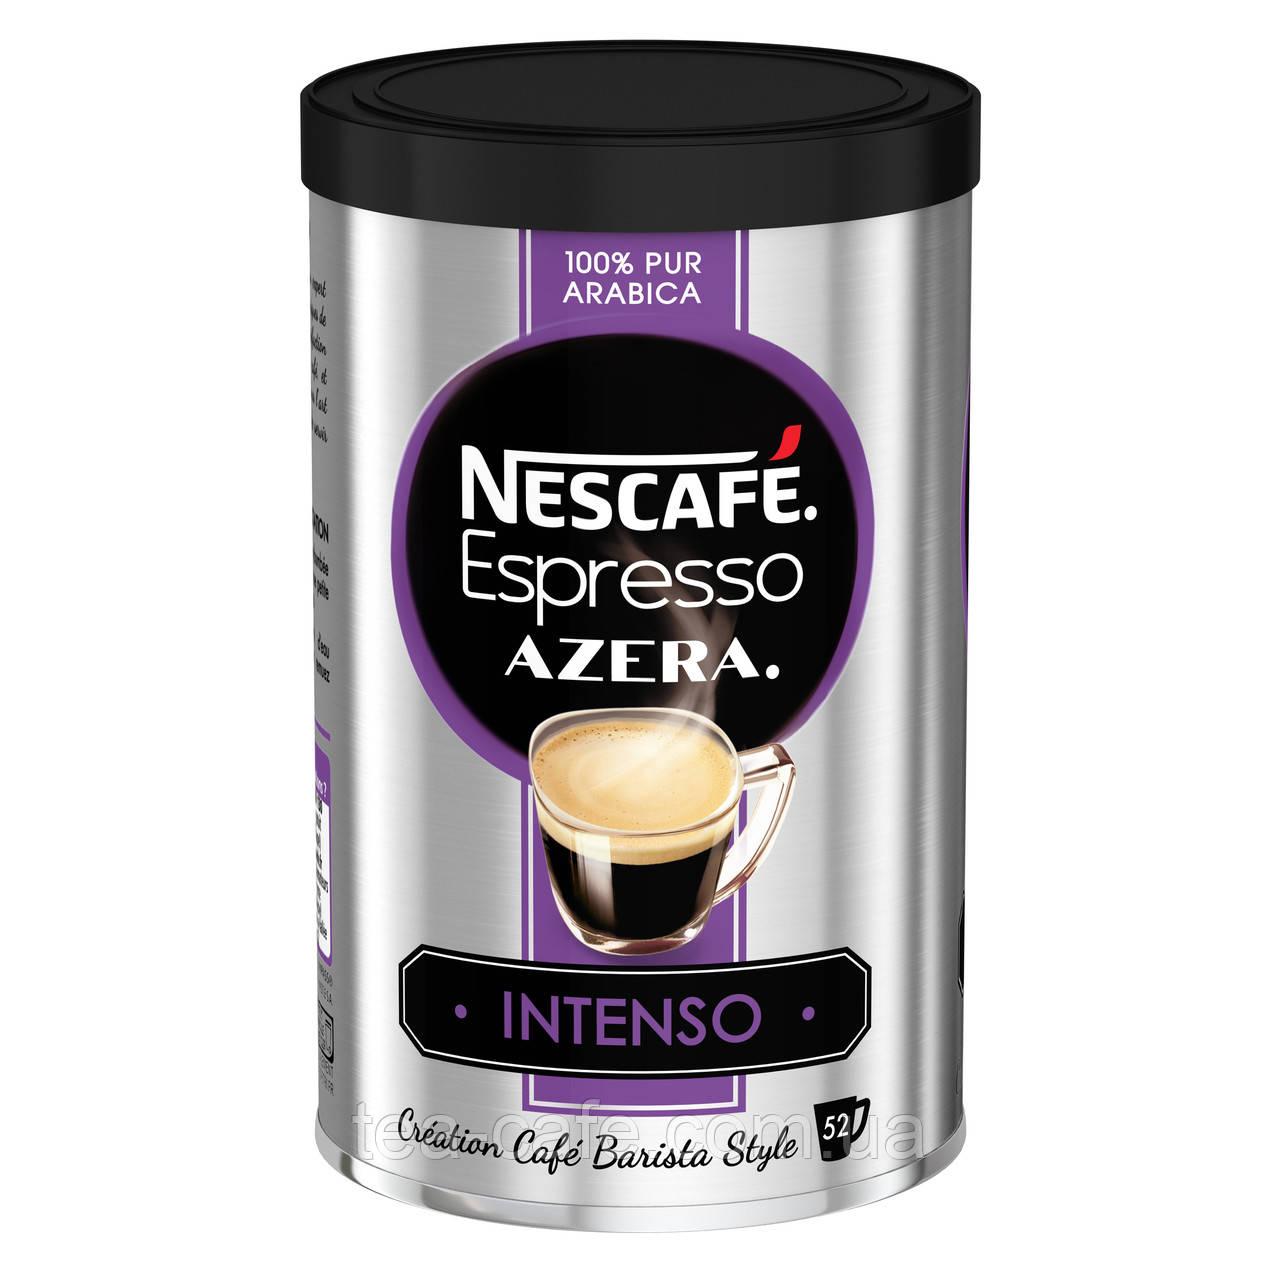 NESCAFE Espresso Azera Intenso, 95 гр. ж/б